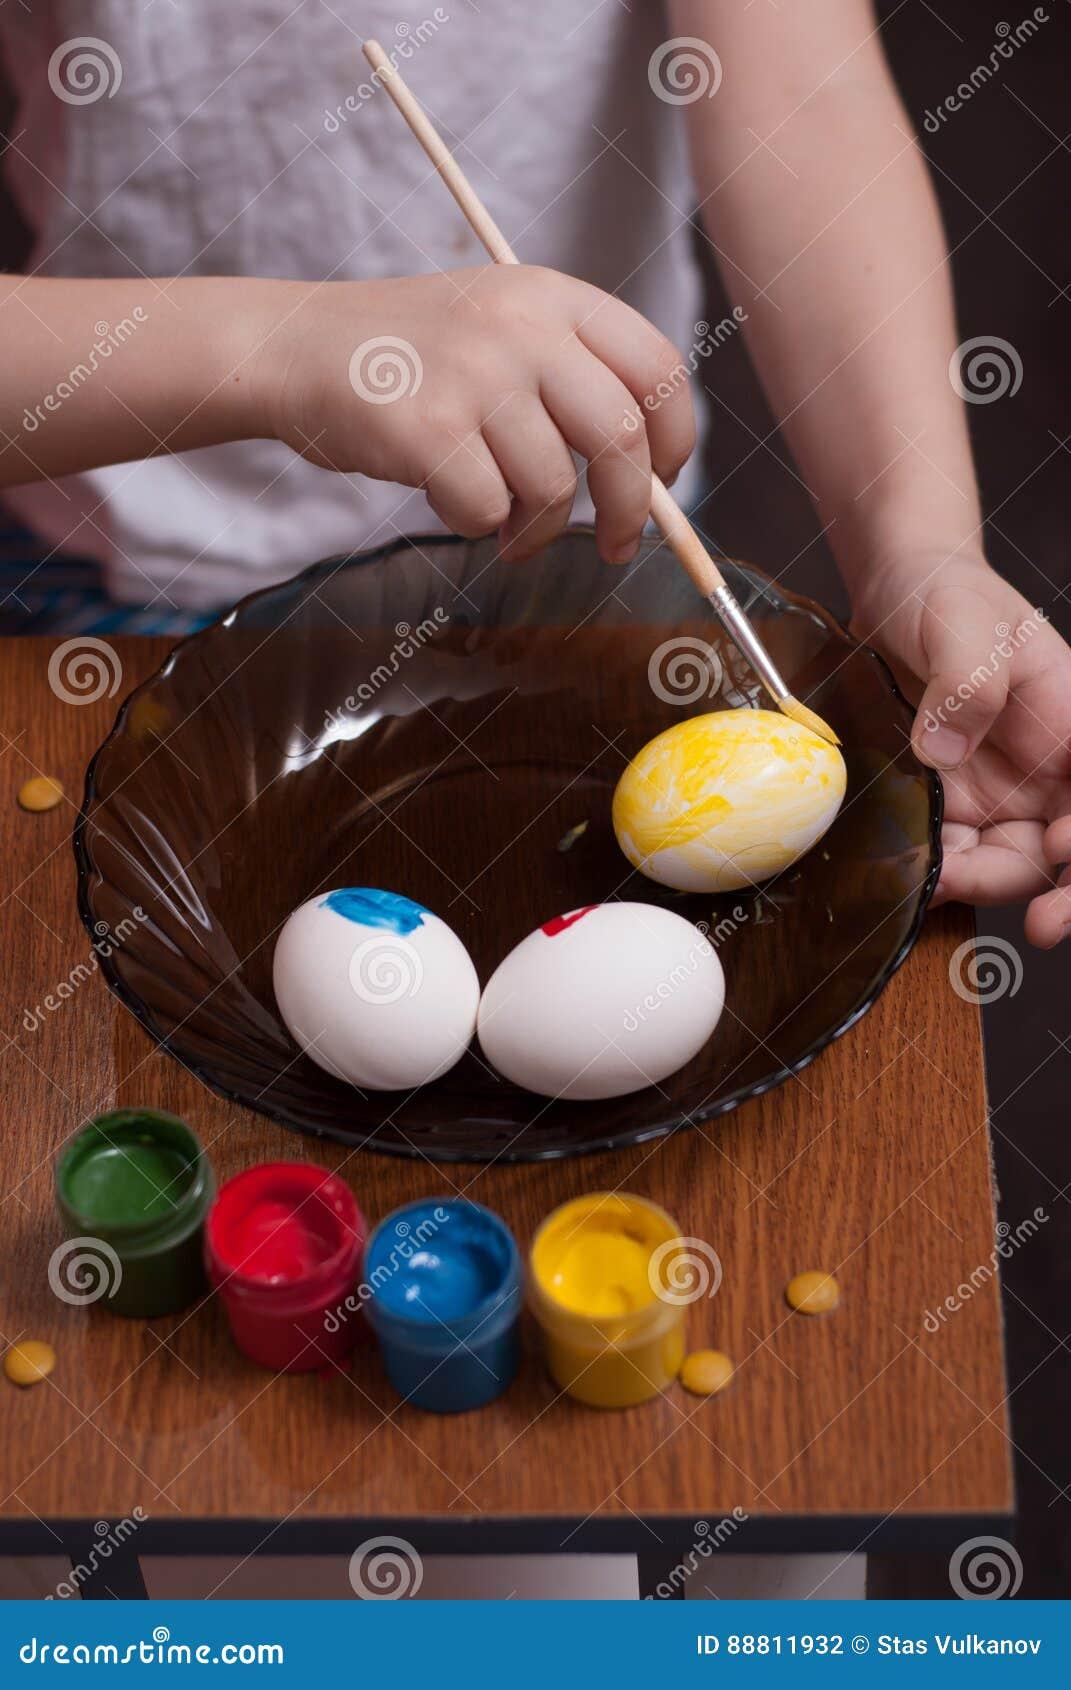 Un niño pequeño pinta los huevos la víspera de Pascua, de las pinturas coloridas y de cepillo,